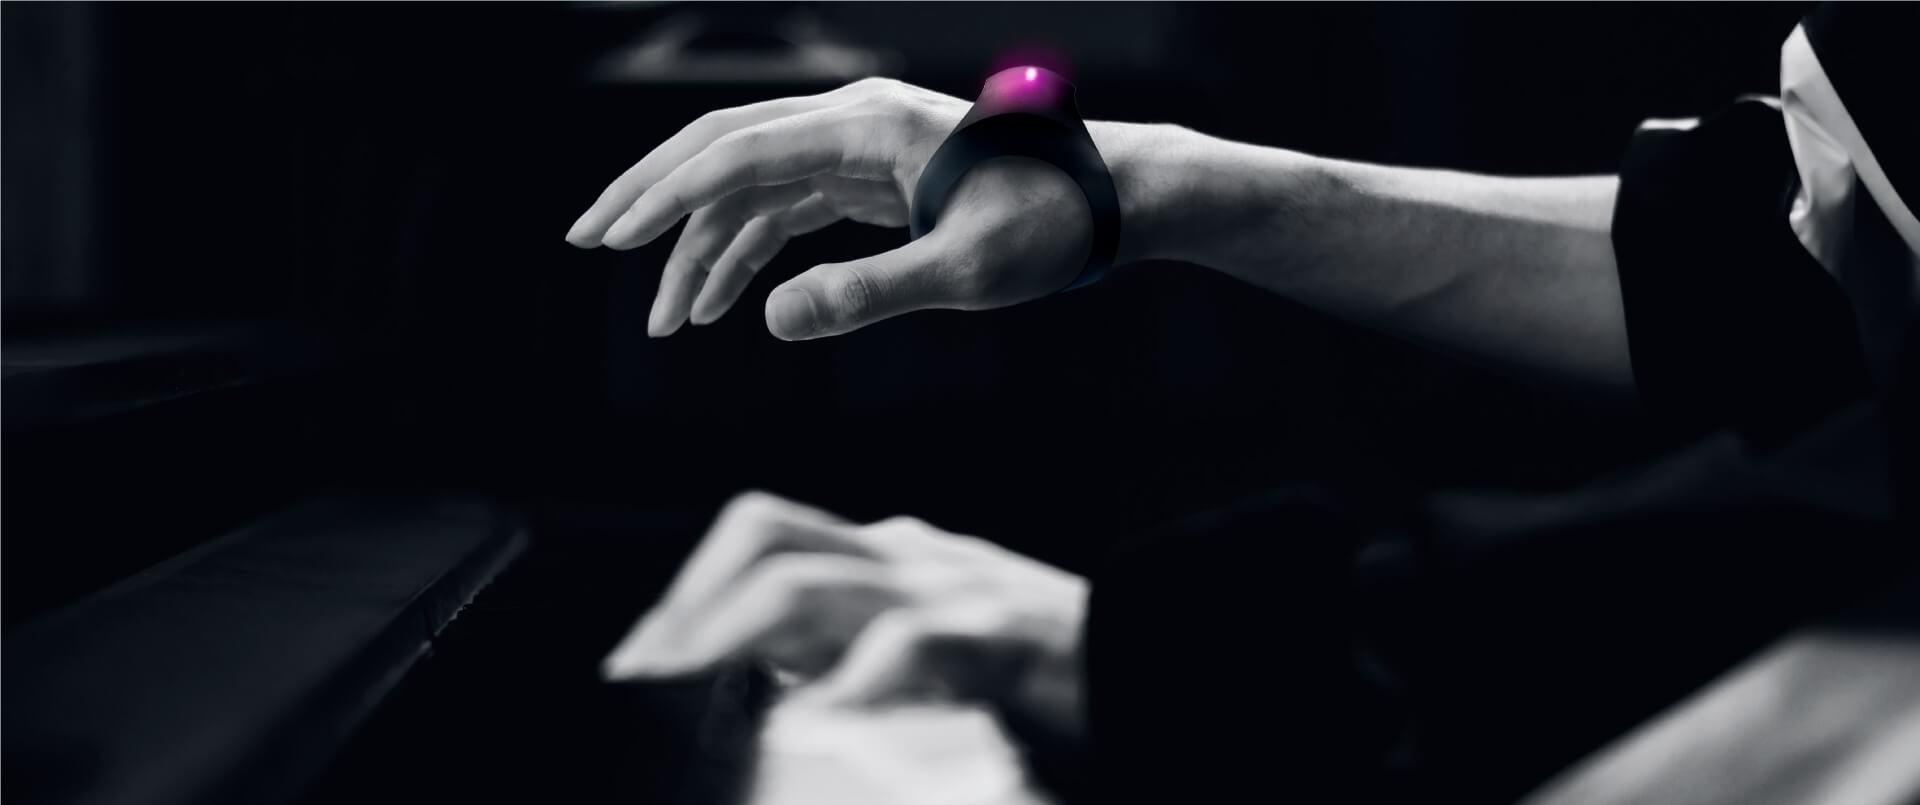 Sonyより体の動きで音を変化させるエフェクター「MOTION SONIC」が登場!Indiegogoにてクラウドファンディングの募集開始 music210531_sony-motion-sonic-210531_6